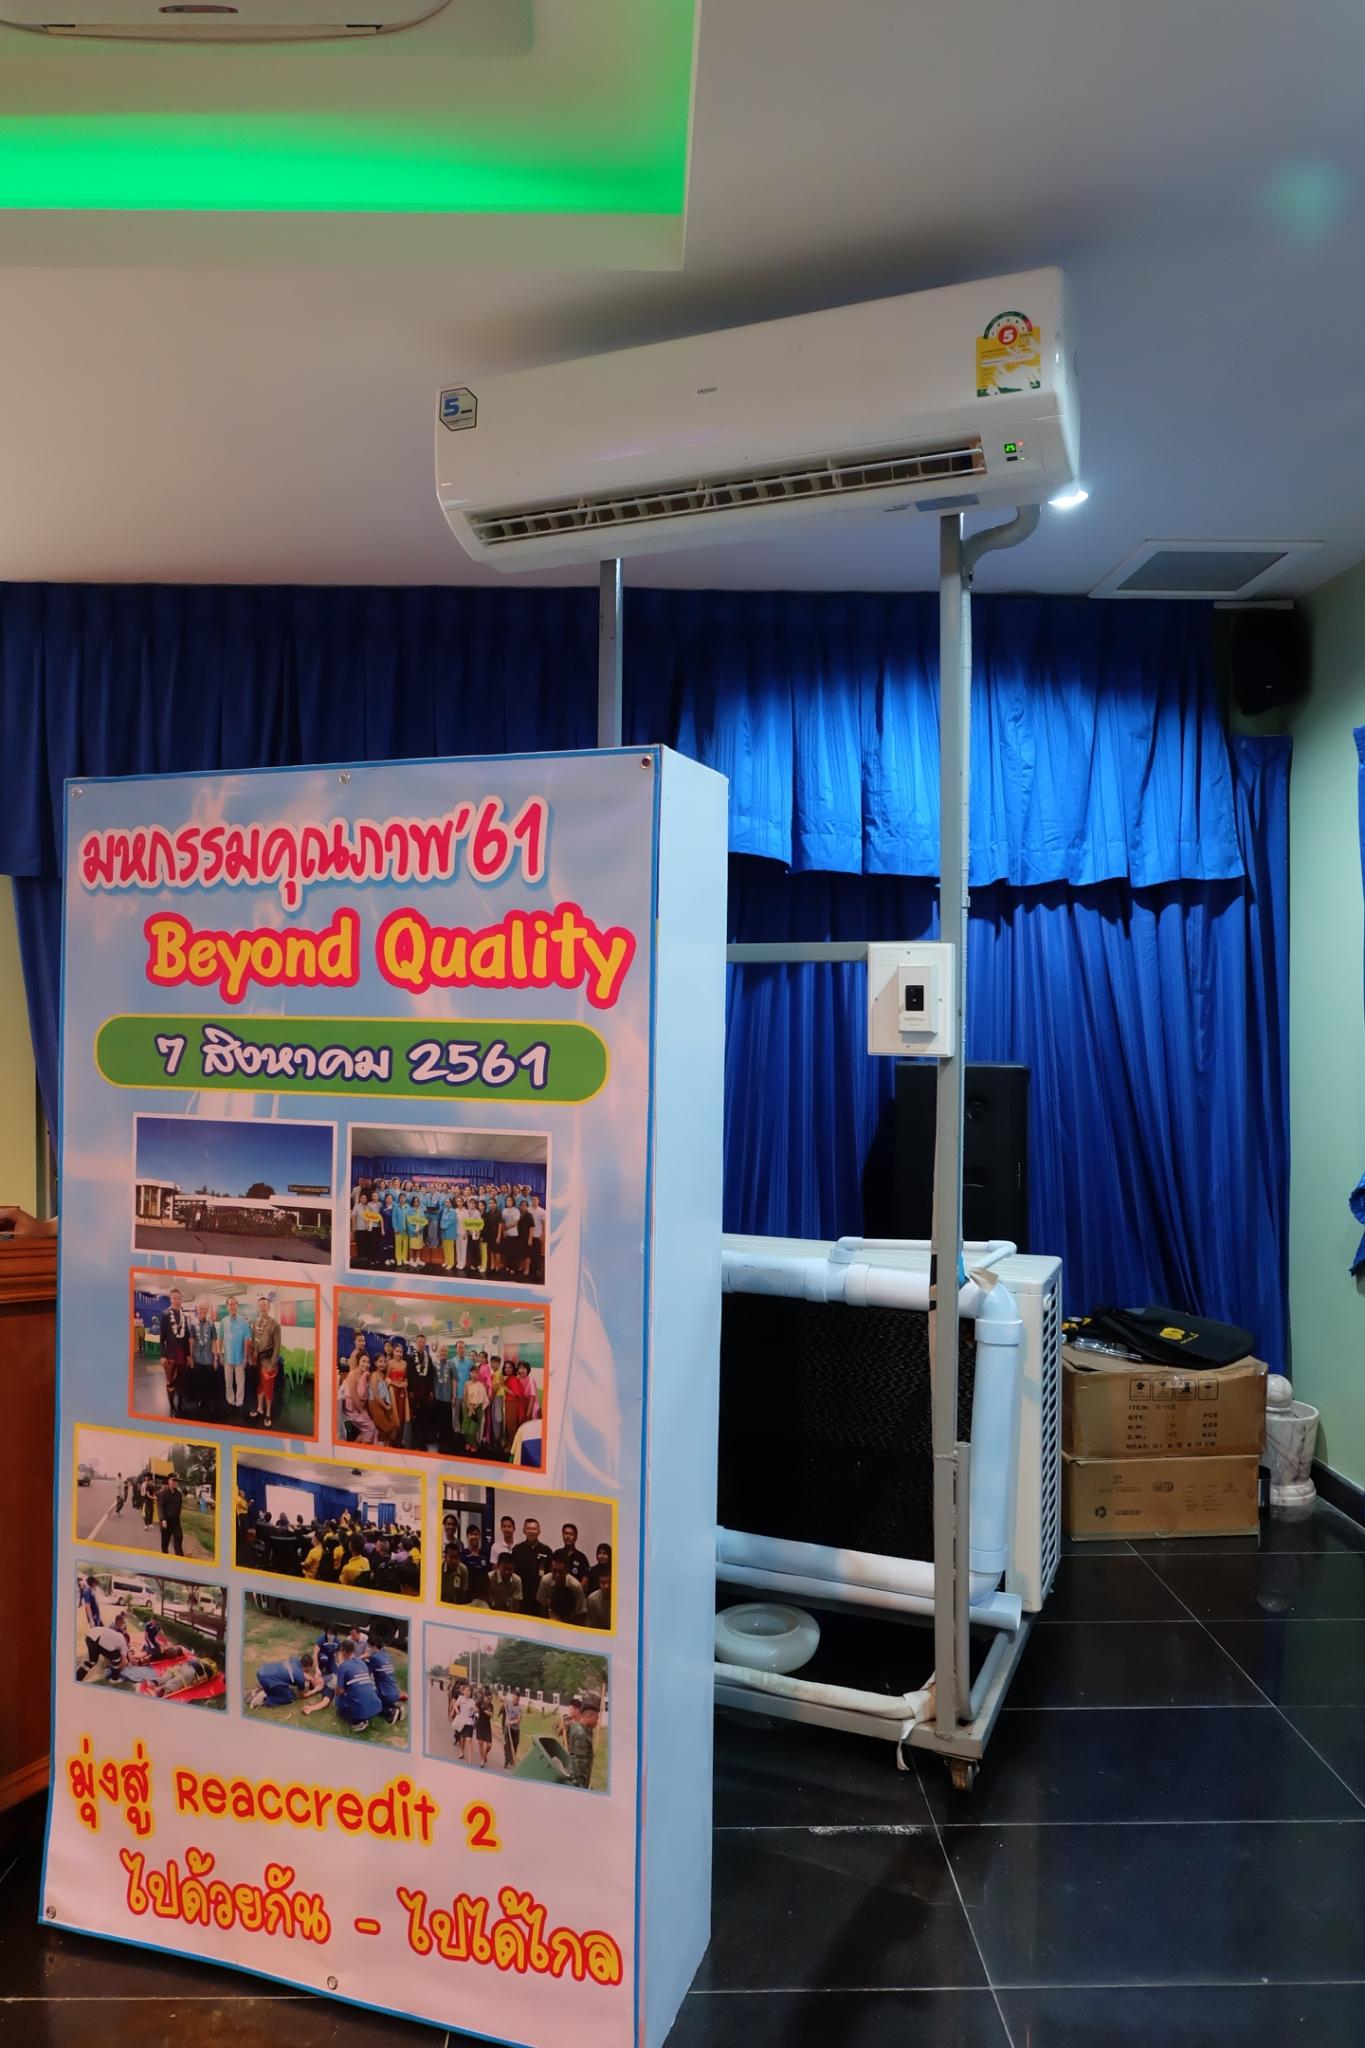 งานมหกรรมคุณภาพ (Beyond Quality)